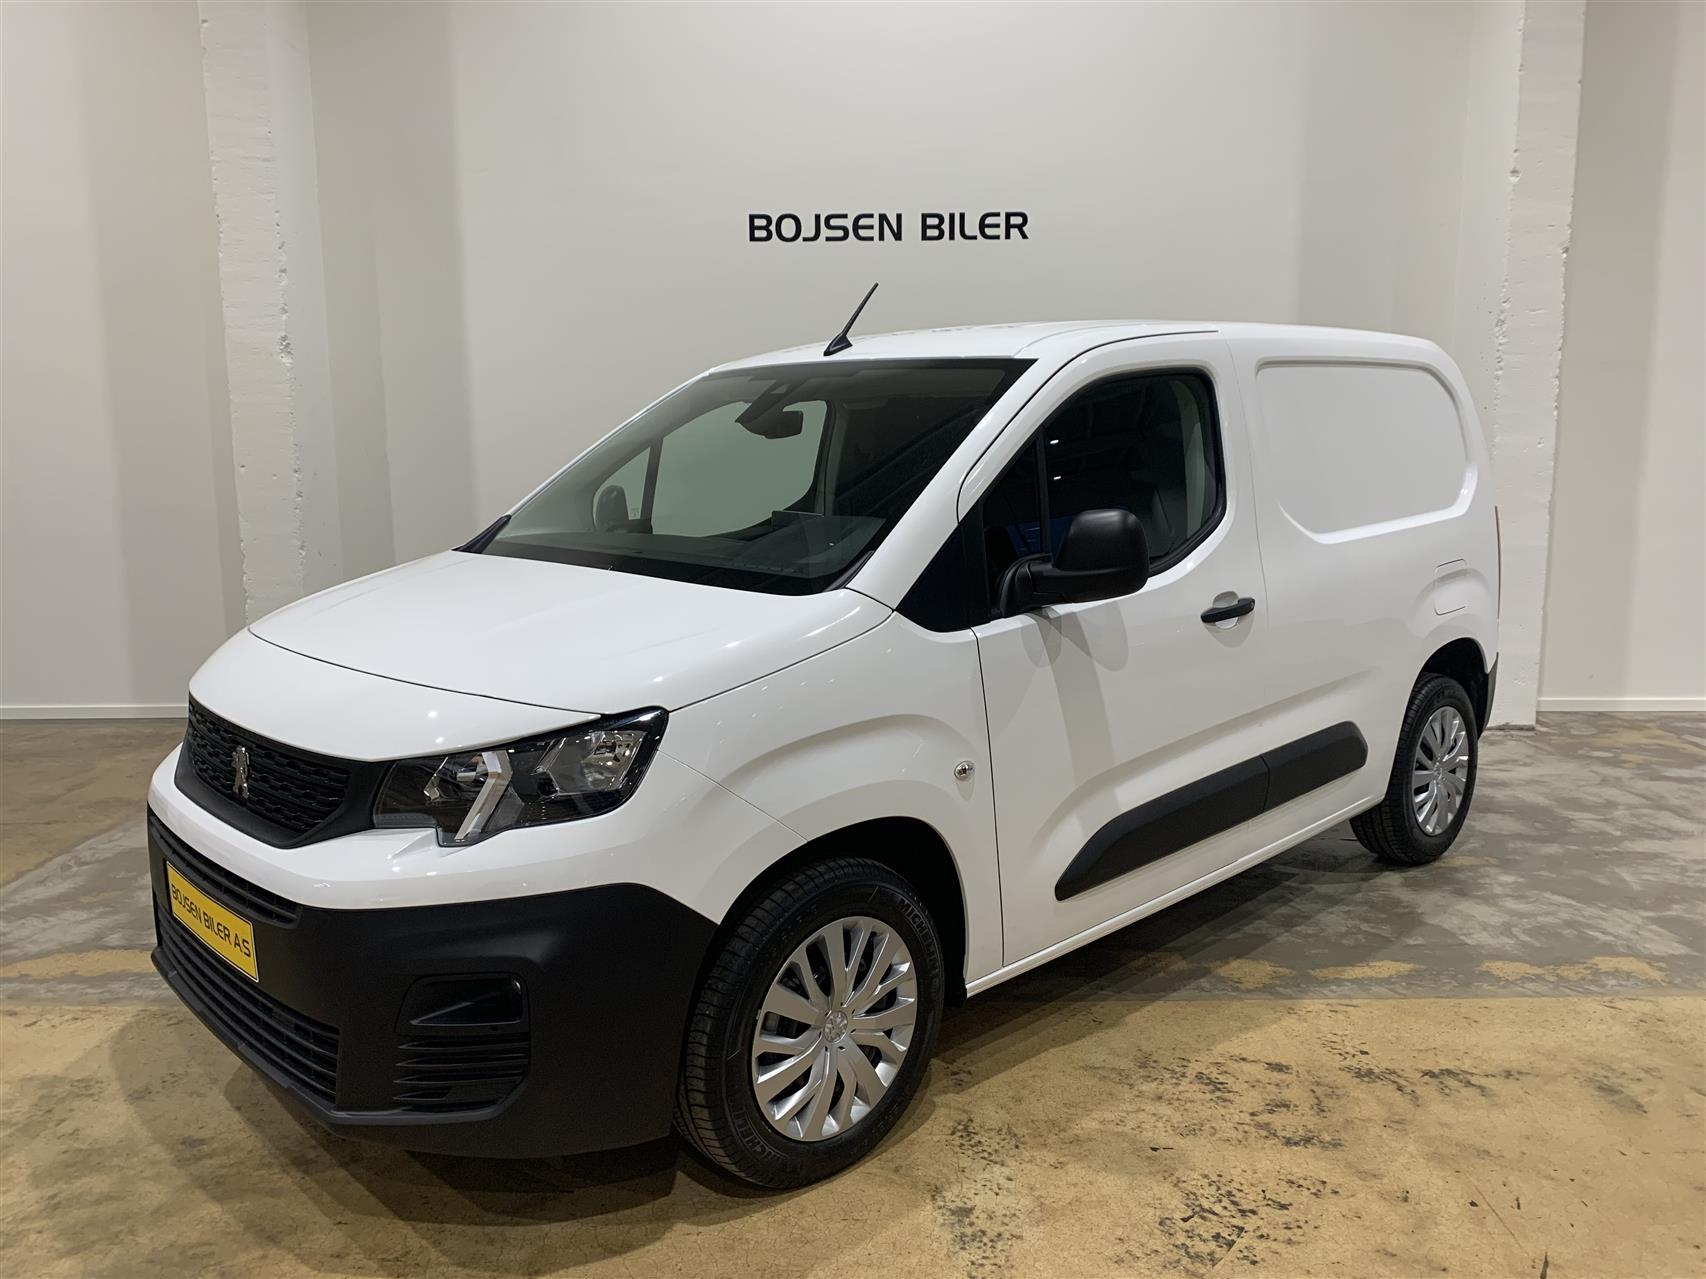 Billede af Peugeot Partner L1 V2 1,5 BlueHDi Plus 100HK Van